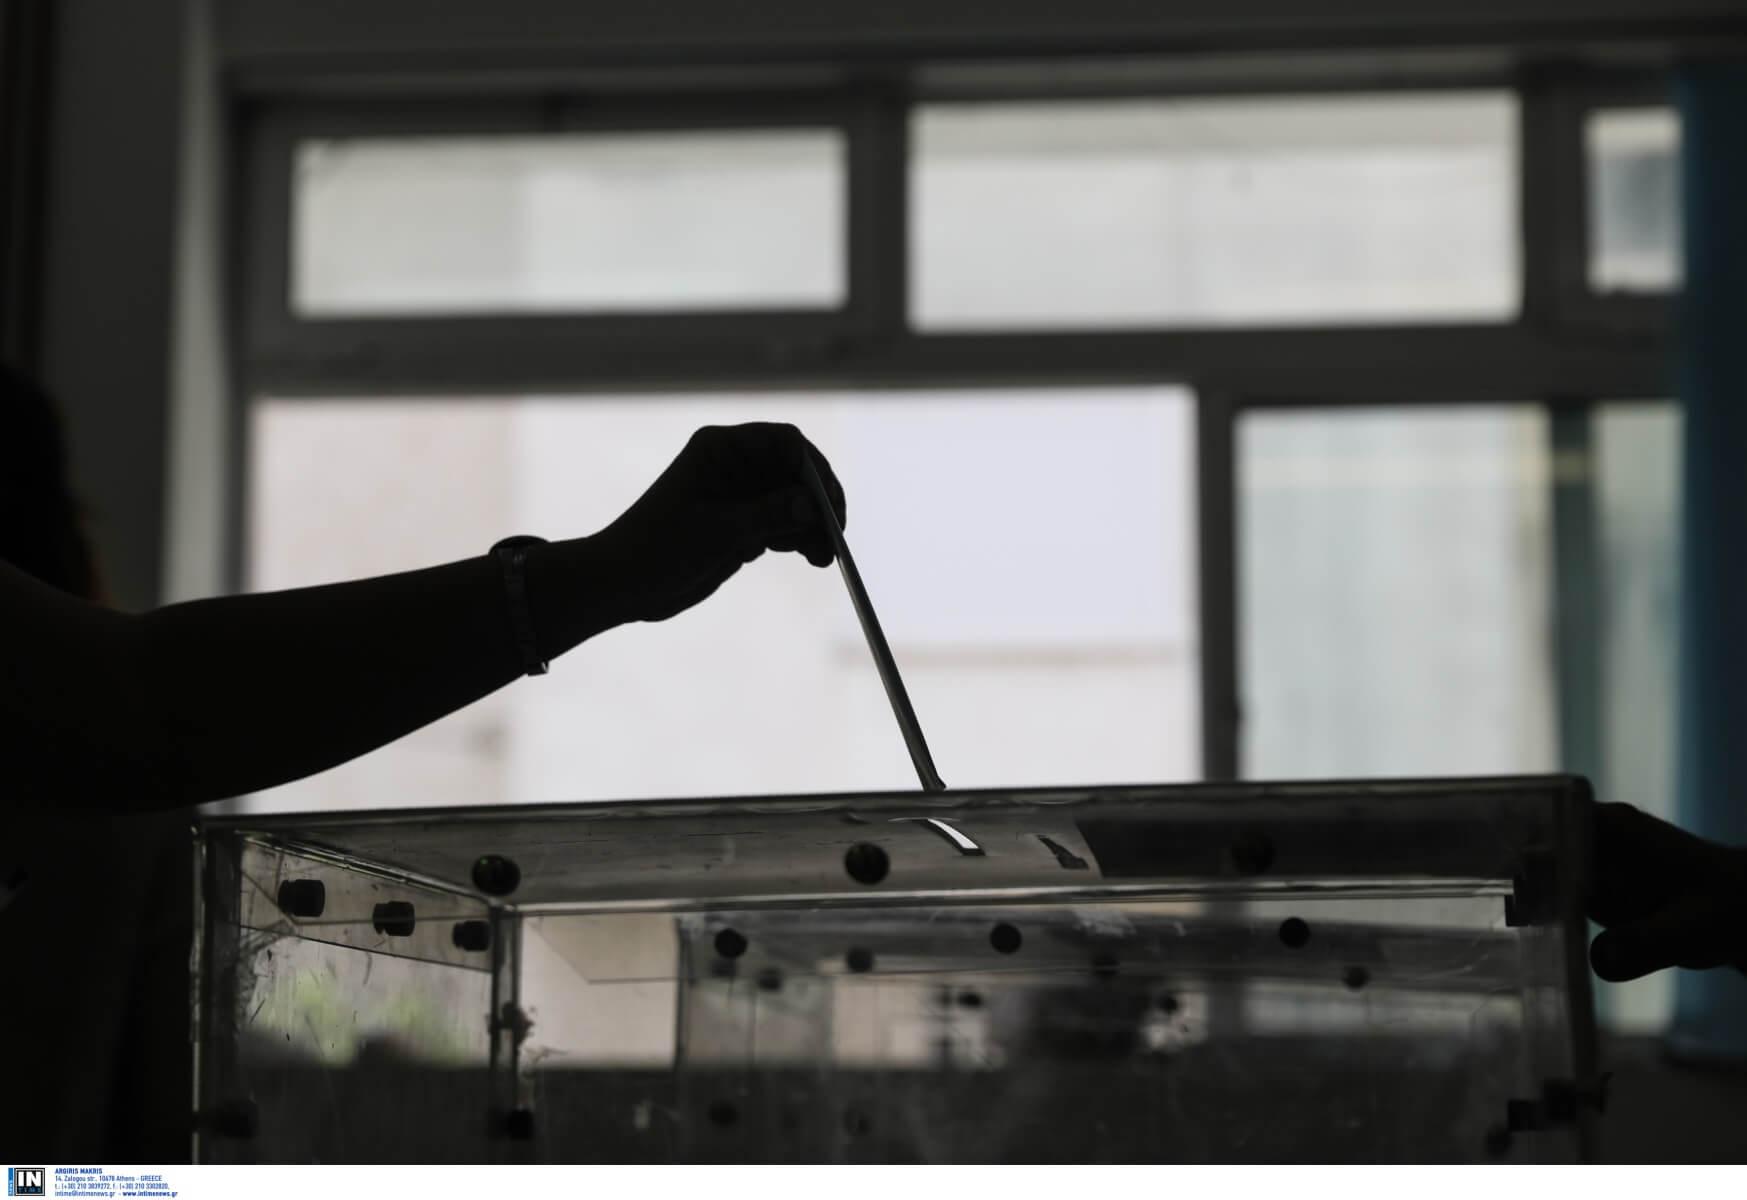 Βουλή: Διαφωνίες και εντάσεις για την ψήφο των αποδήμων